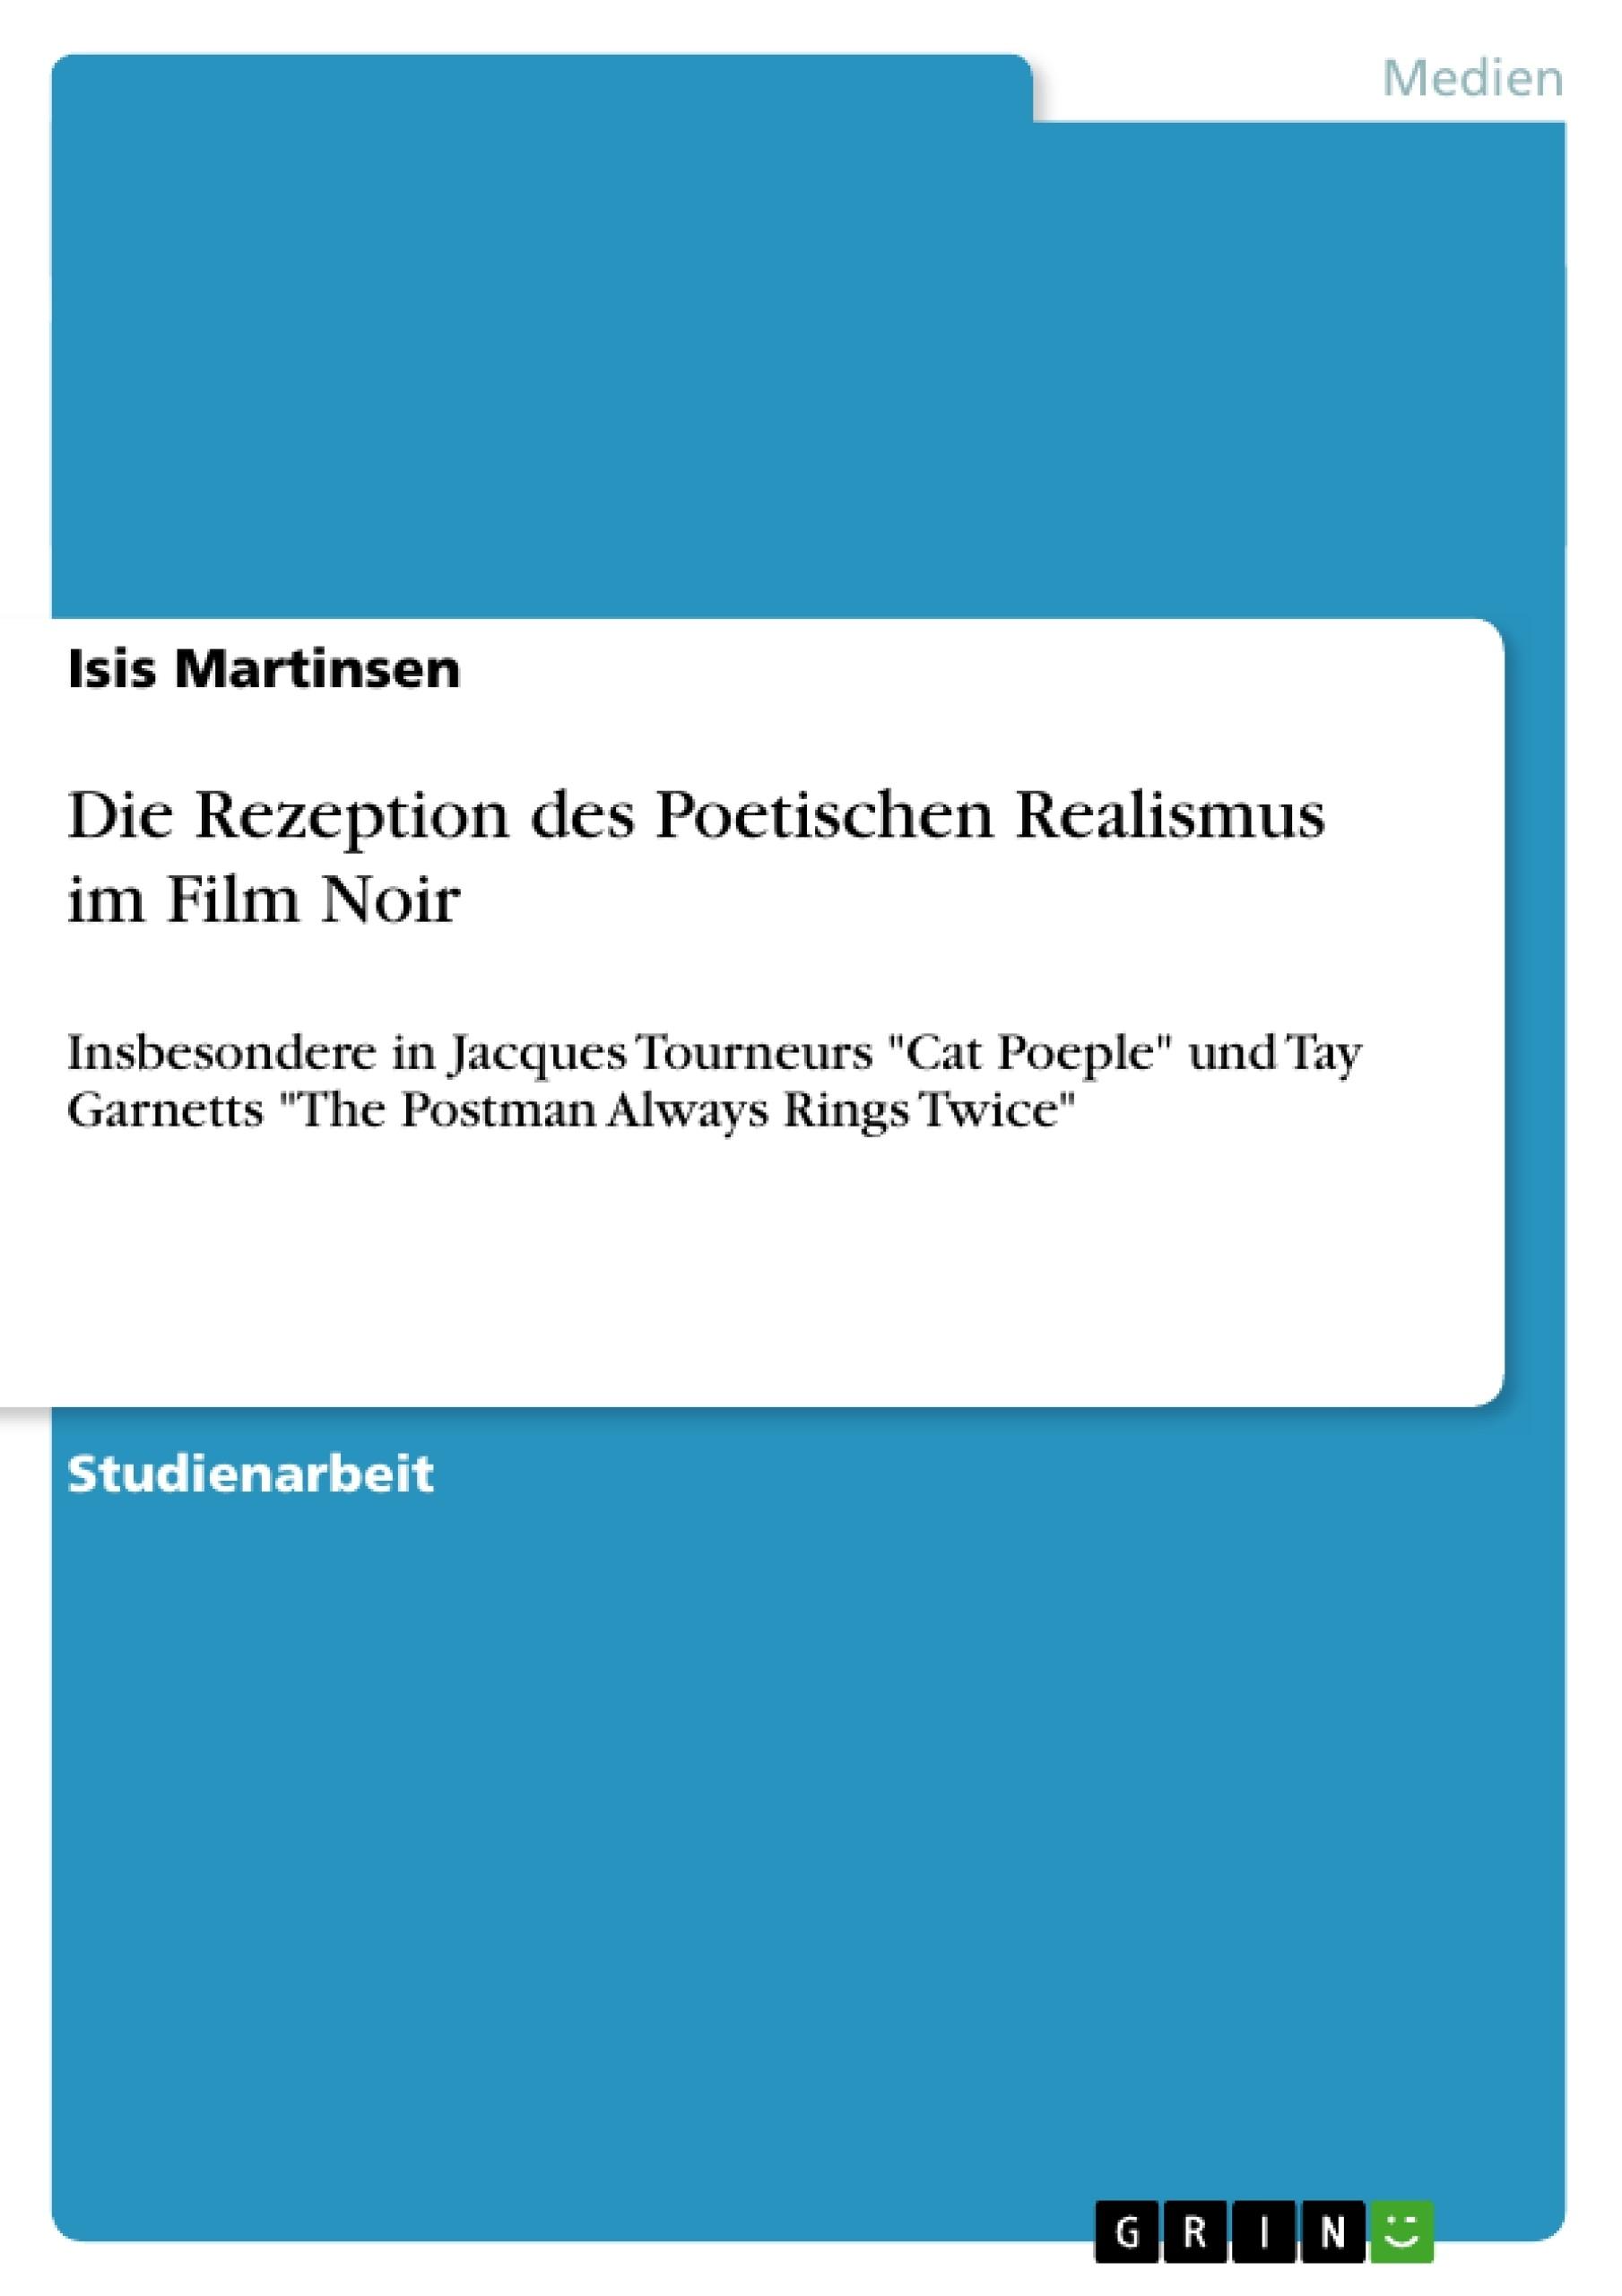 Titel: Die Rezeption des Poetischen Realismus im Film Noir